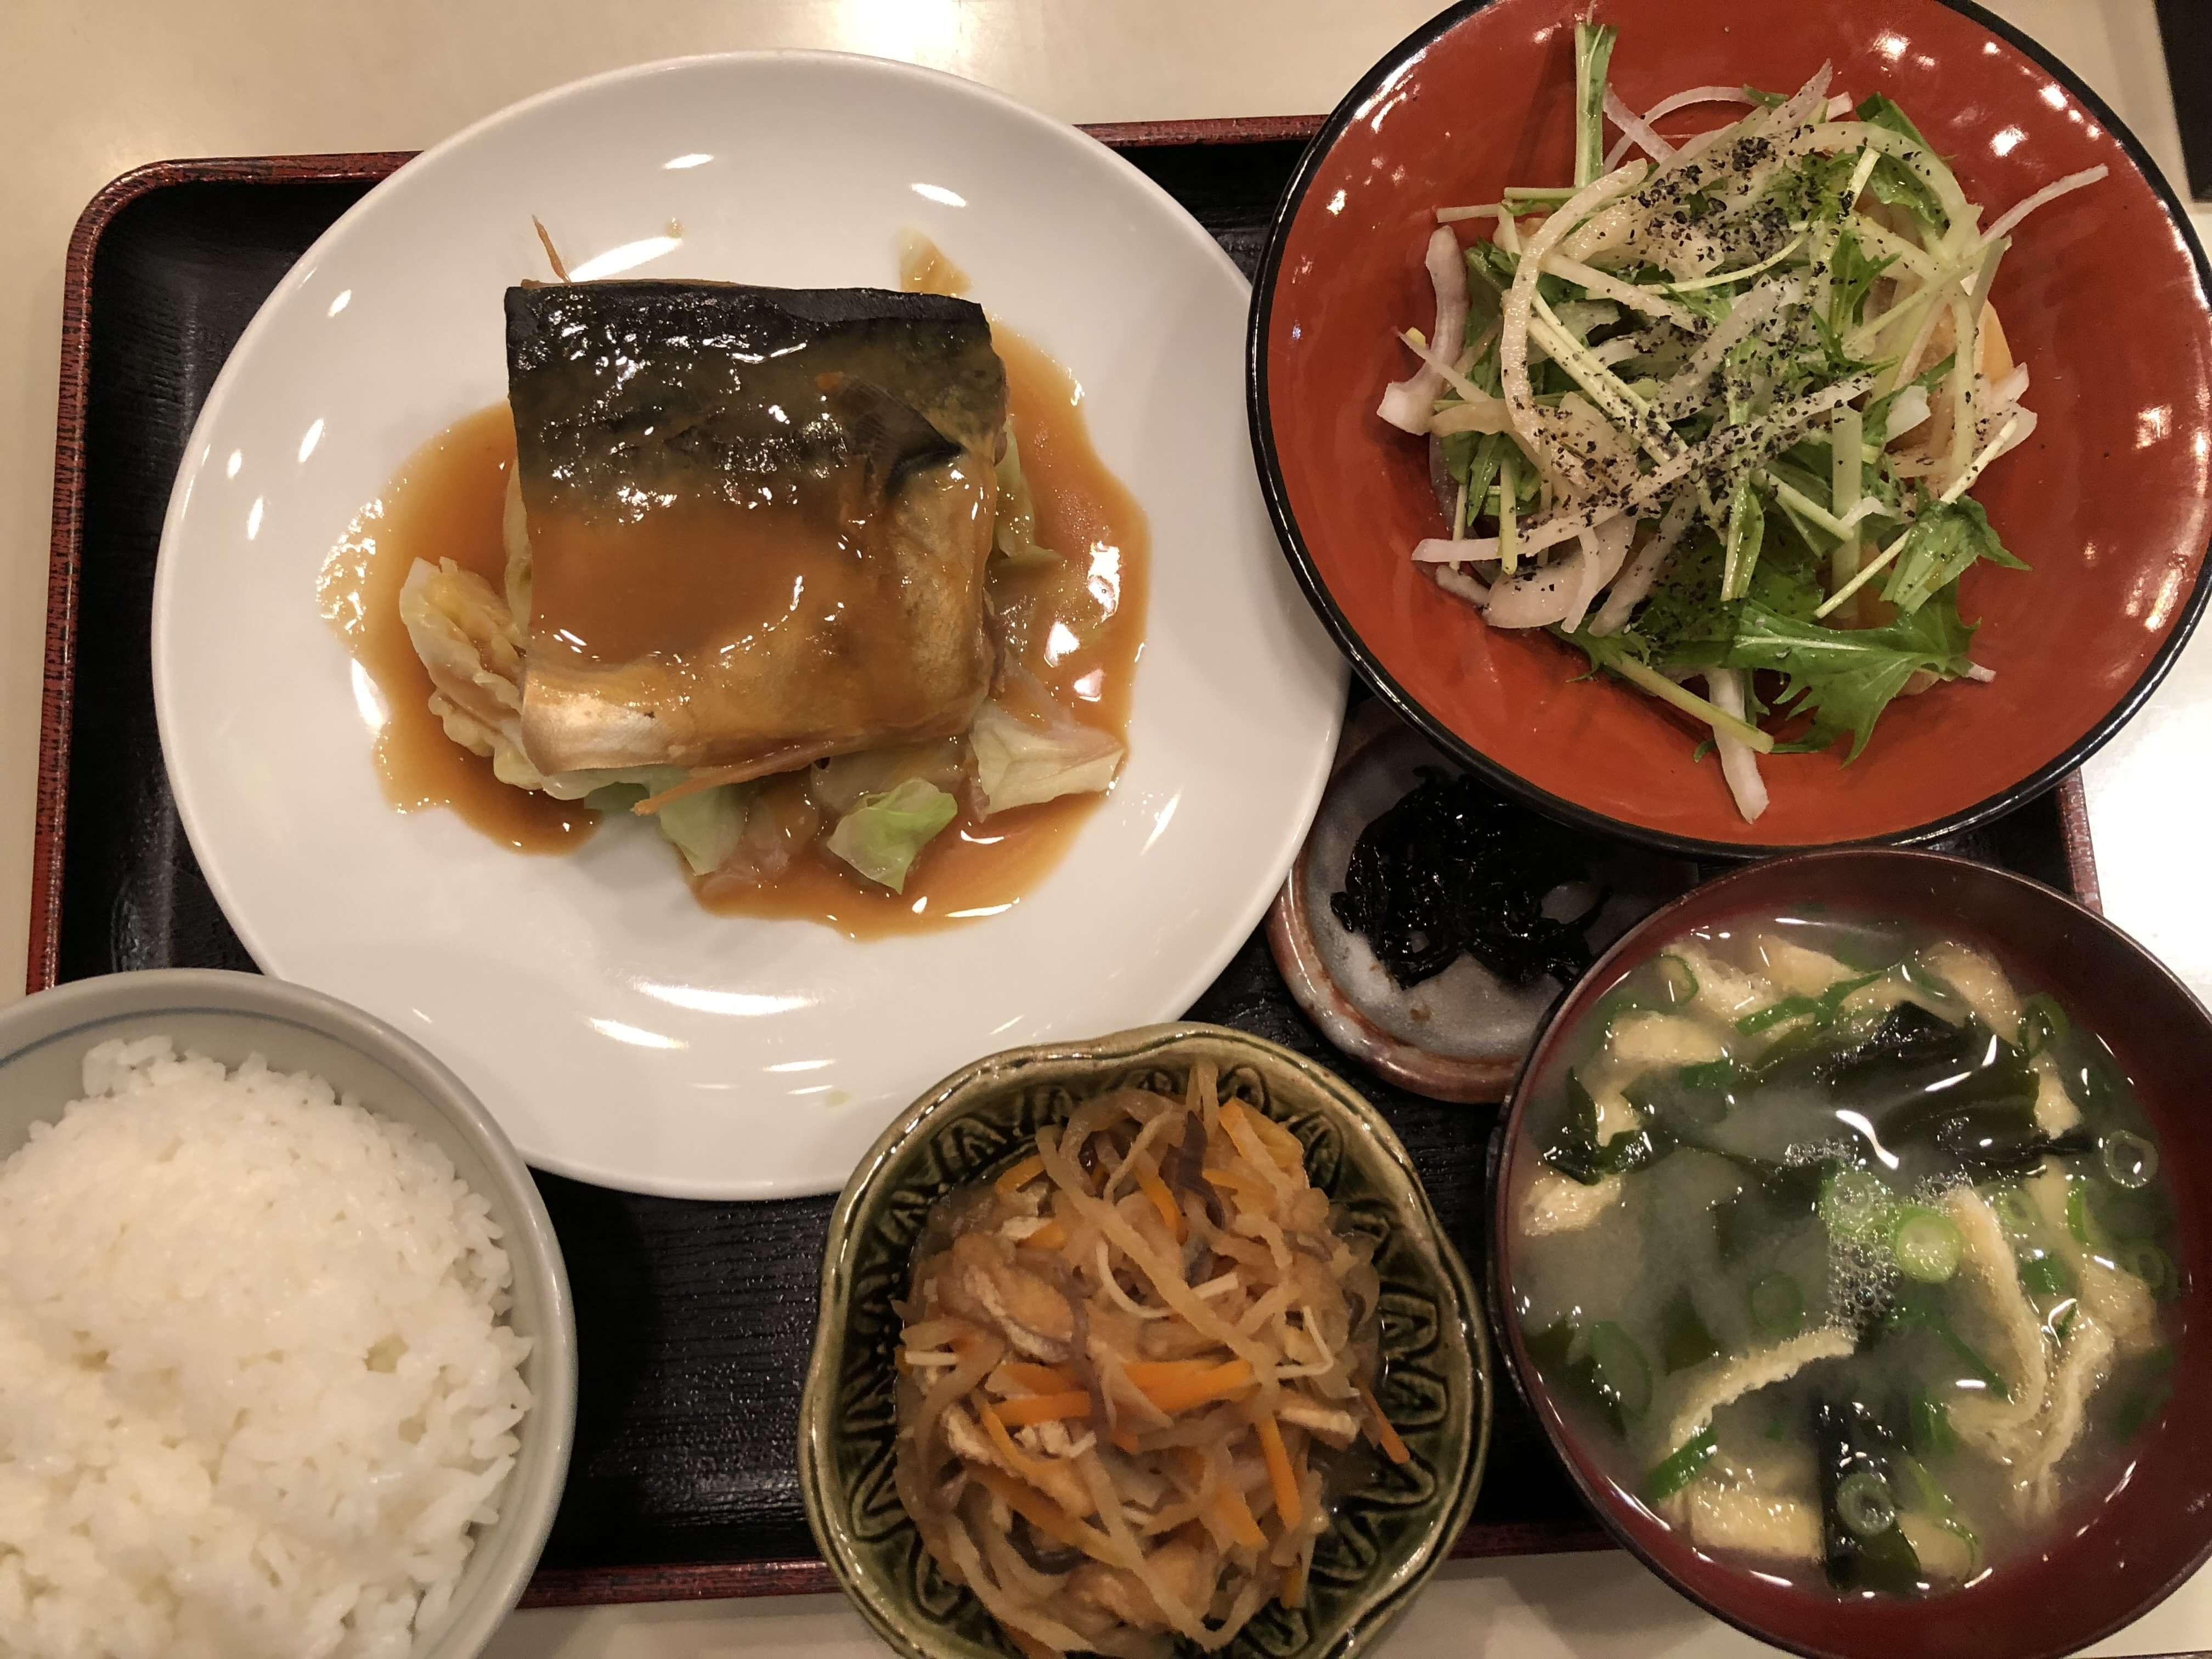 『 ごはん屋 たつや 』近江町市場内にある地元率100%(?)の定食屋。750円でこのボリュームは凄い!!